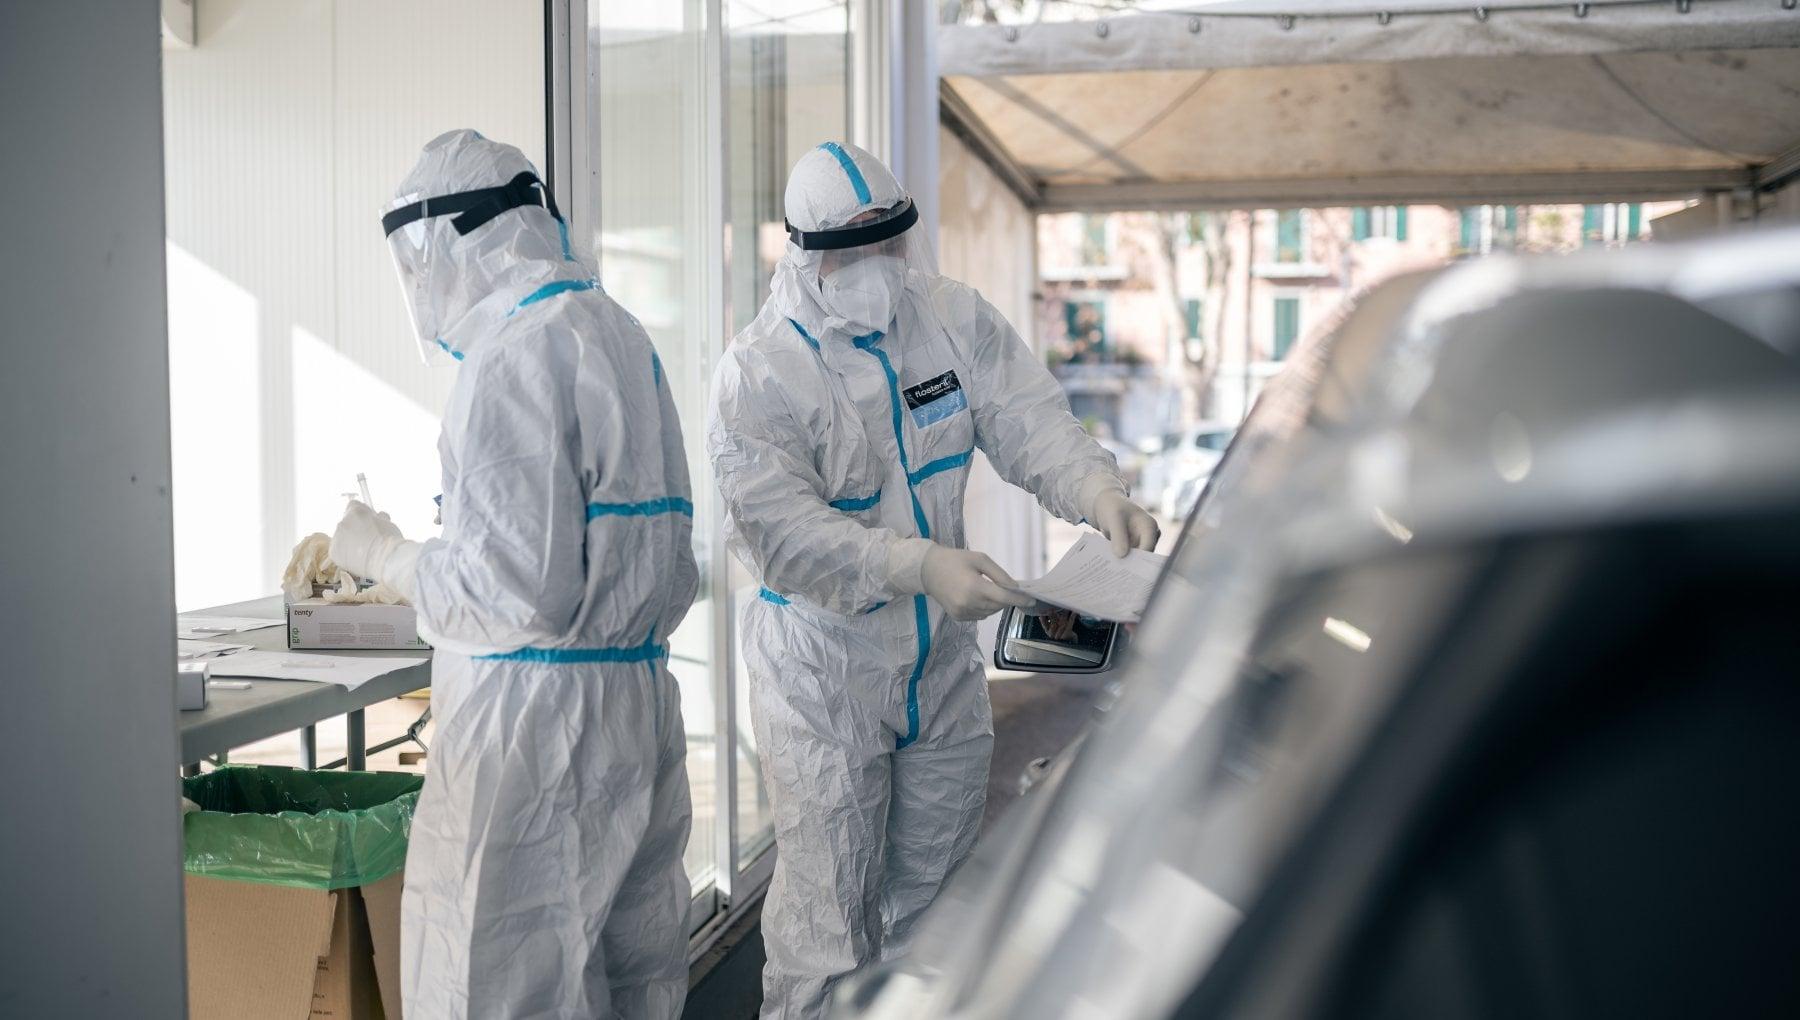 Coronavirus, il bollettino in Liguria: cala la percentuale ...